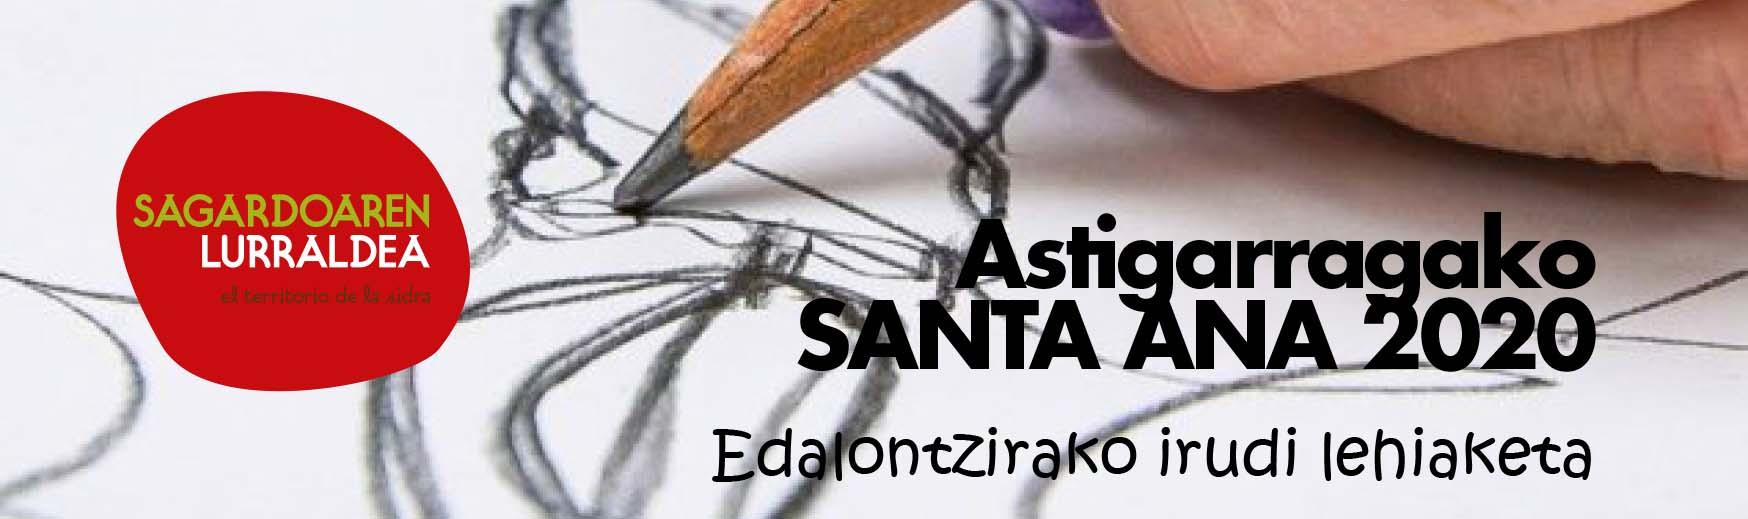 Edalontzirako irudi lehiaketa Astigarragako Santa Ana 2020 egunerako